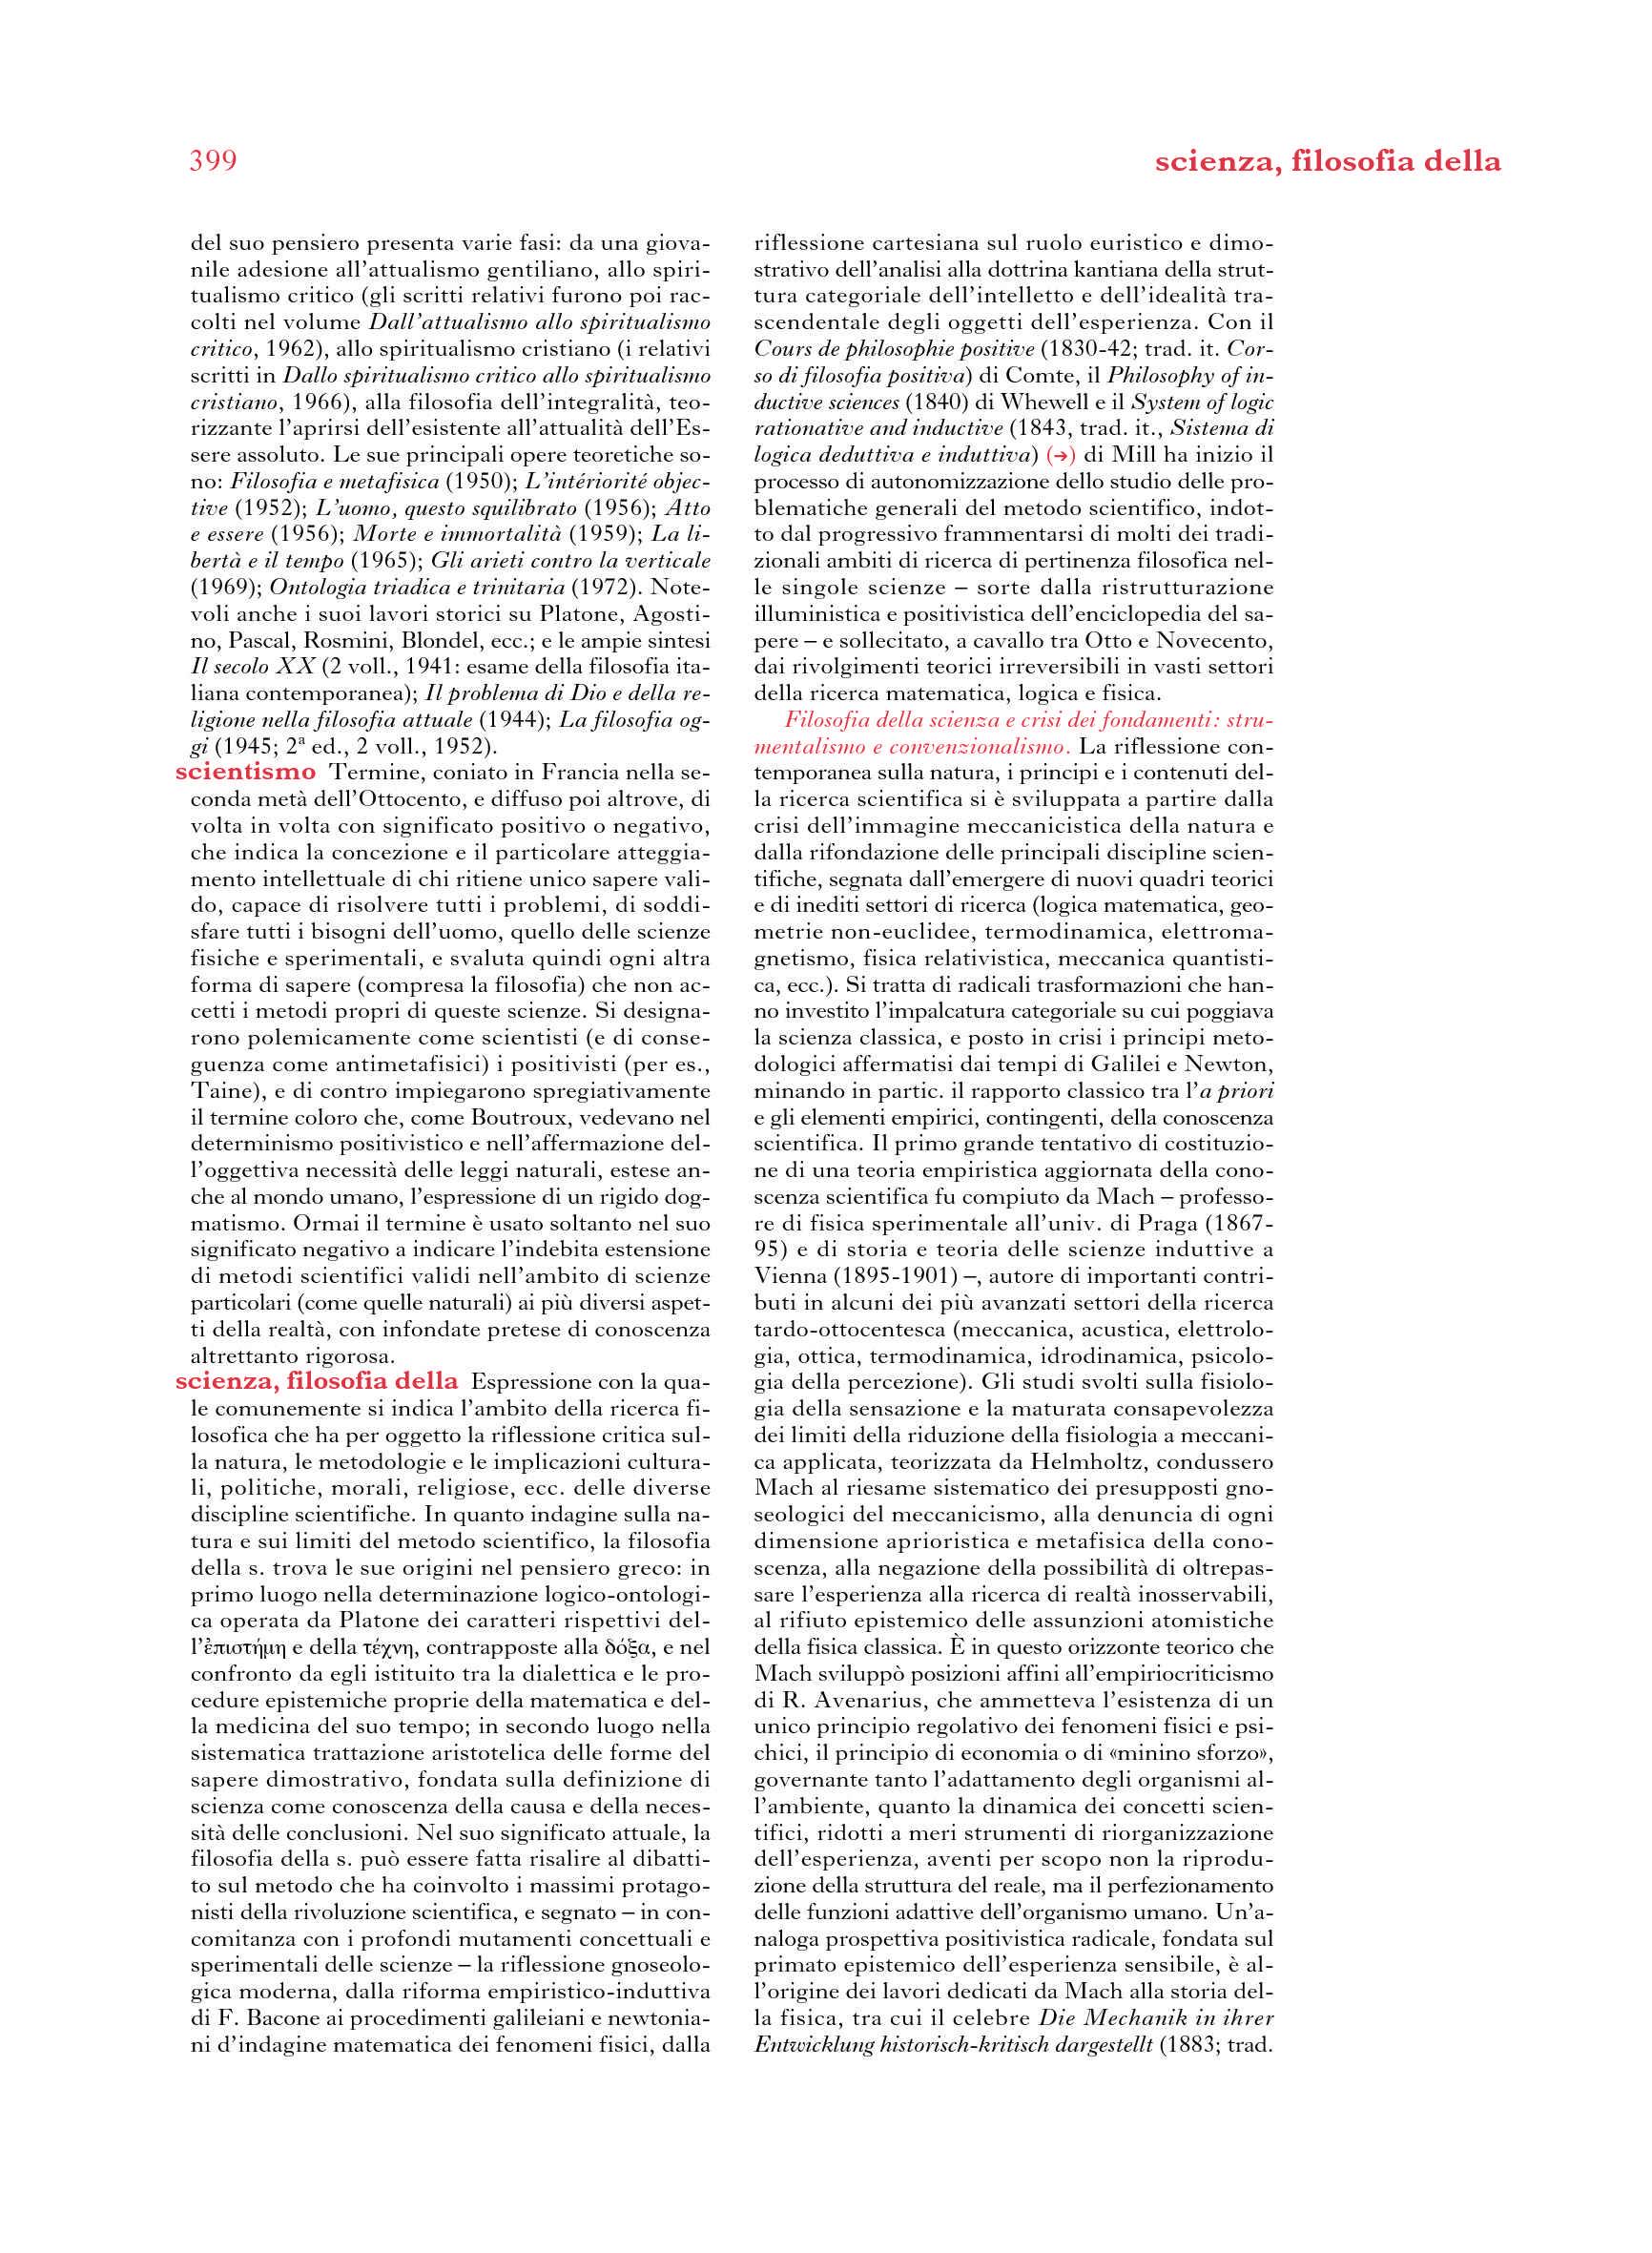 Filosofia della scienza - Crisi dei fondamenti